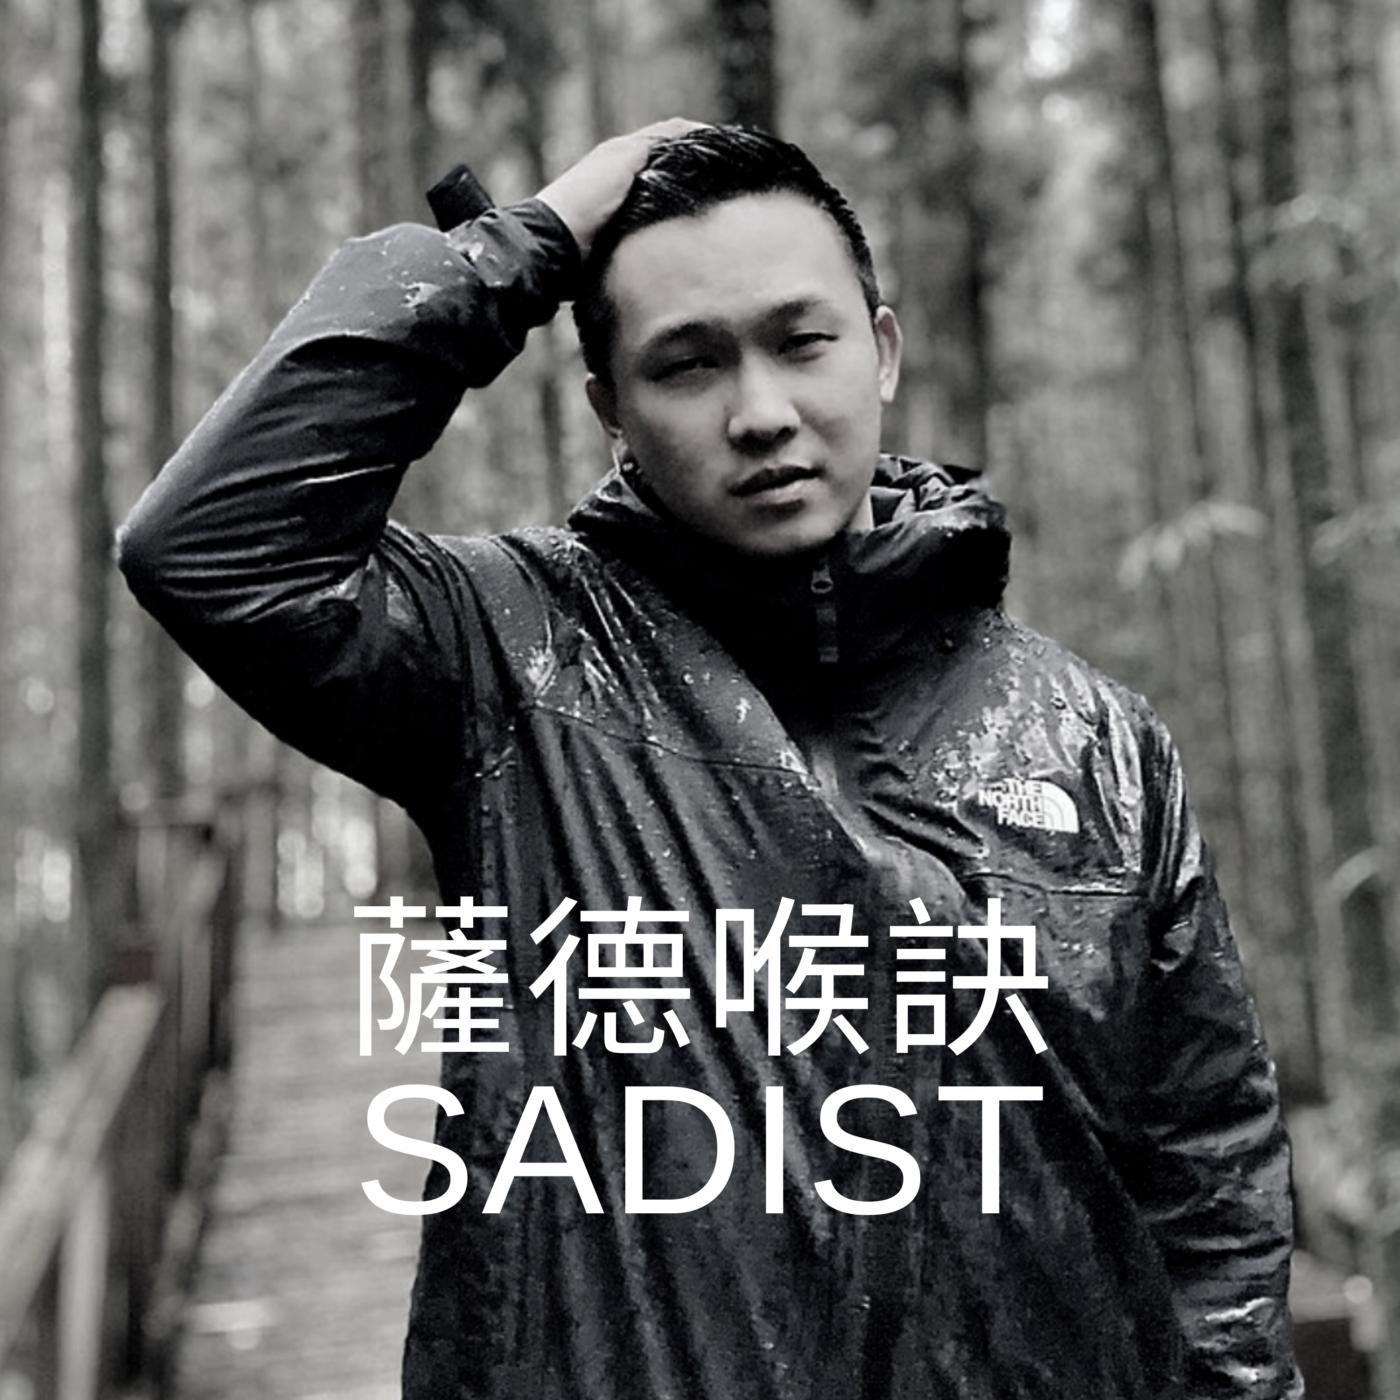 Sade / 薩德喉訣 Sadist